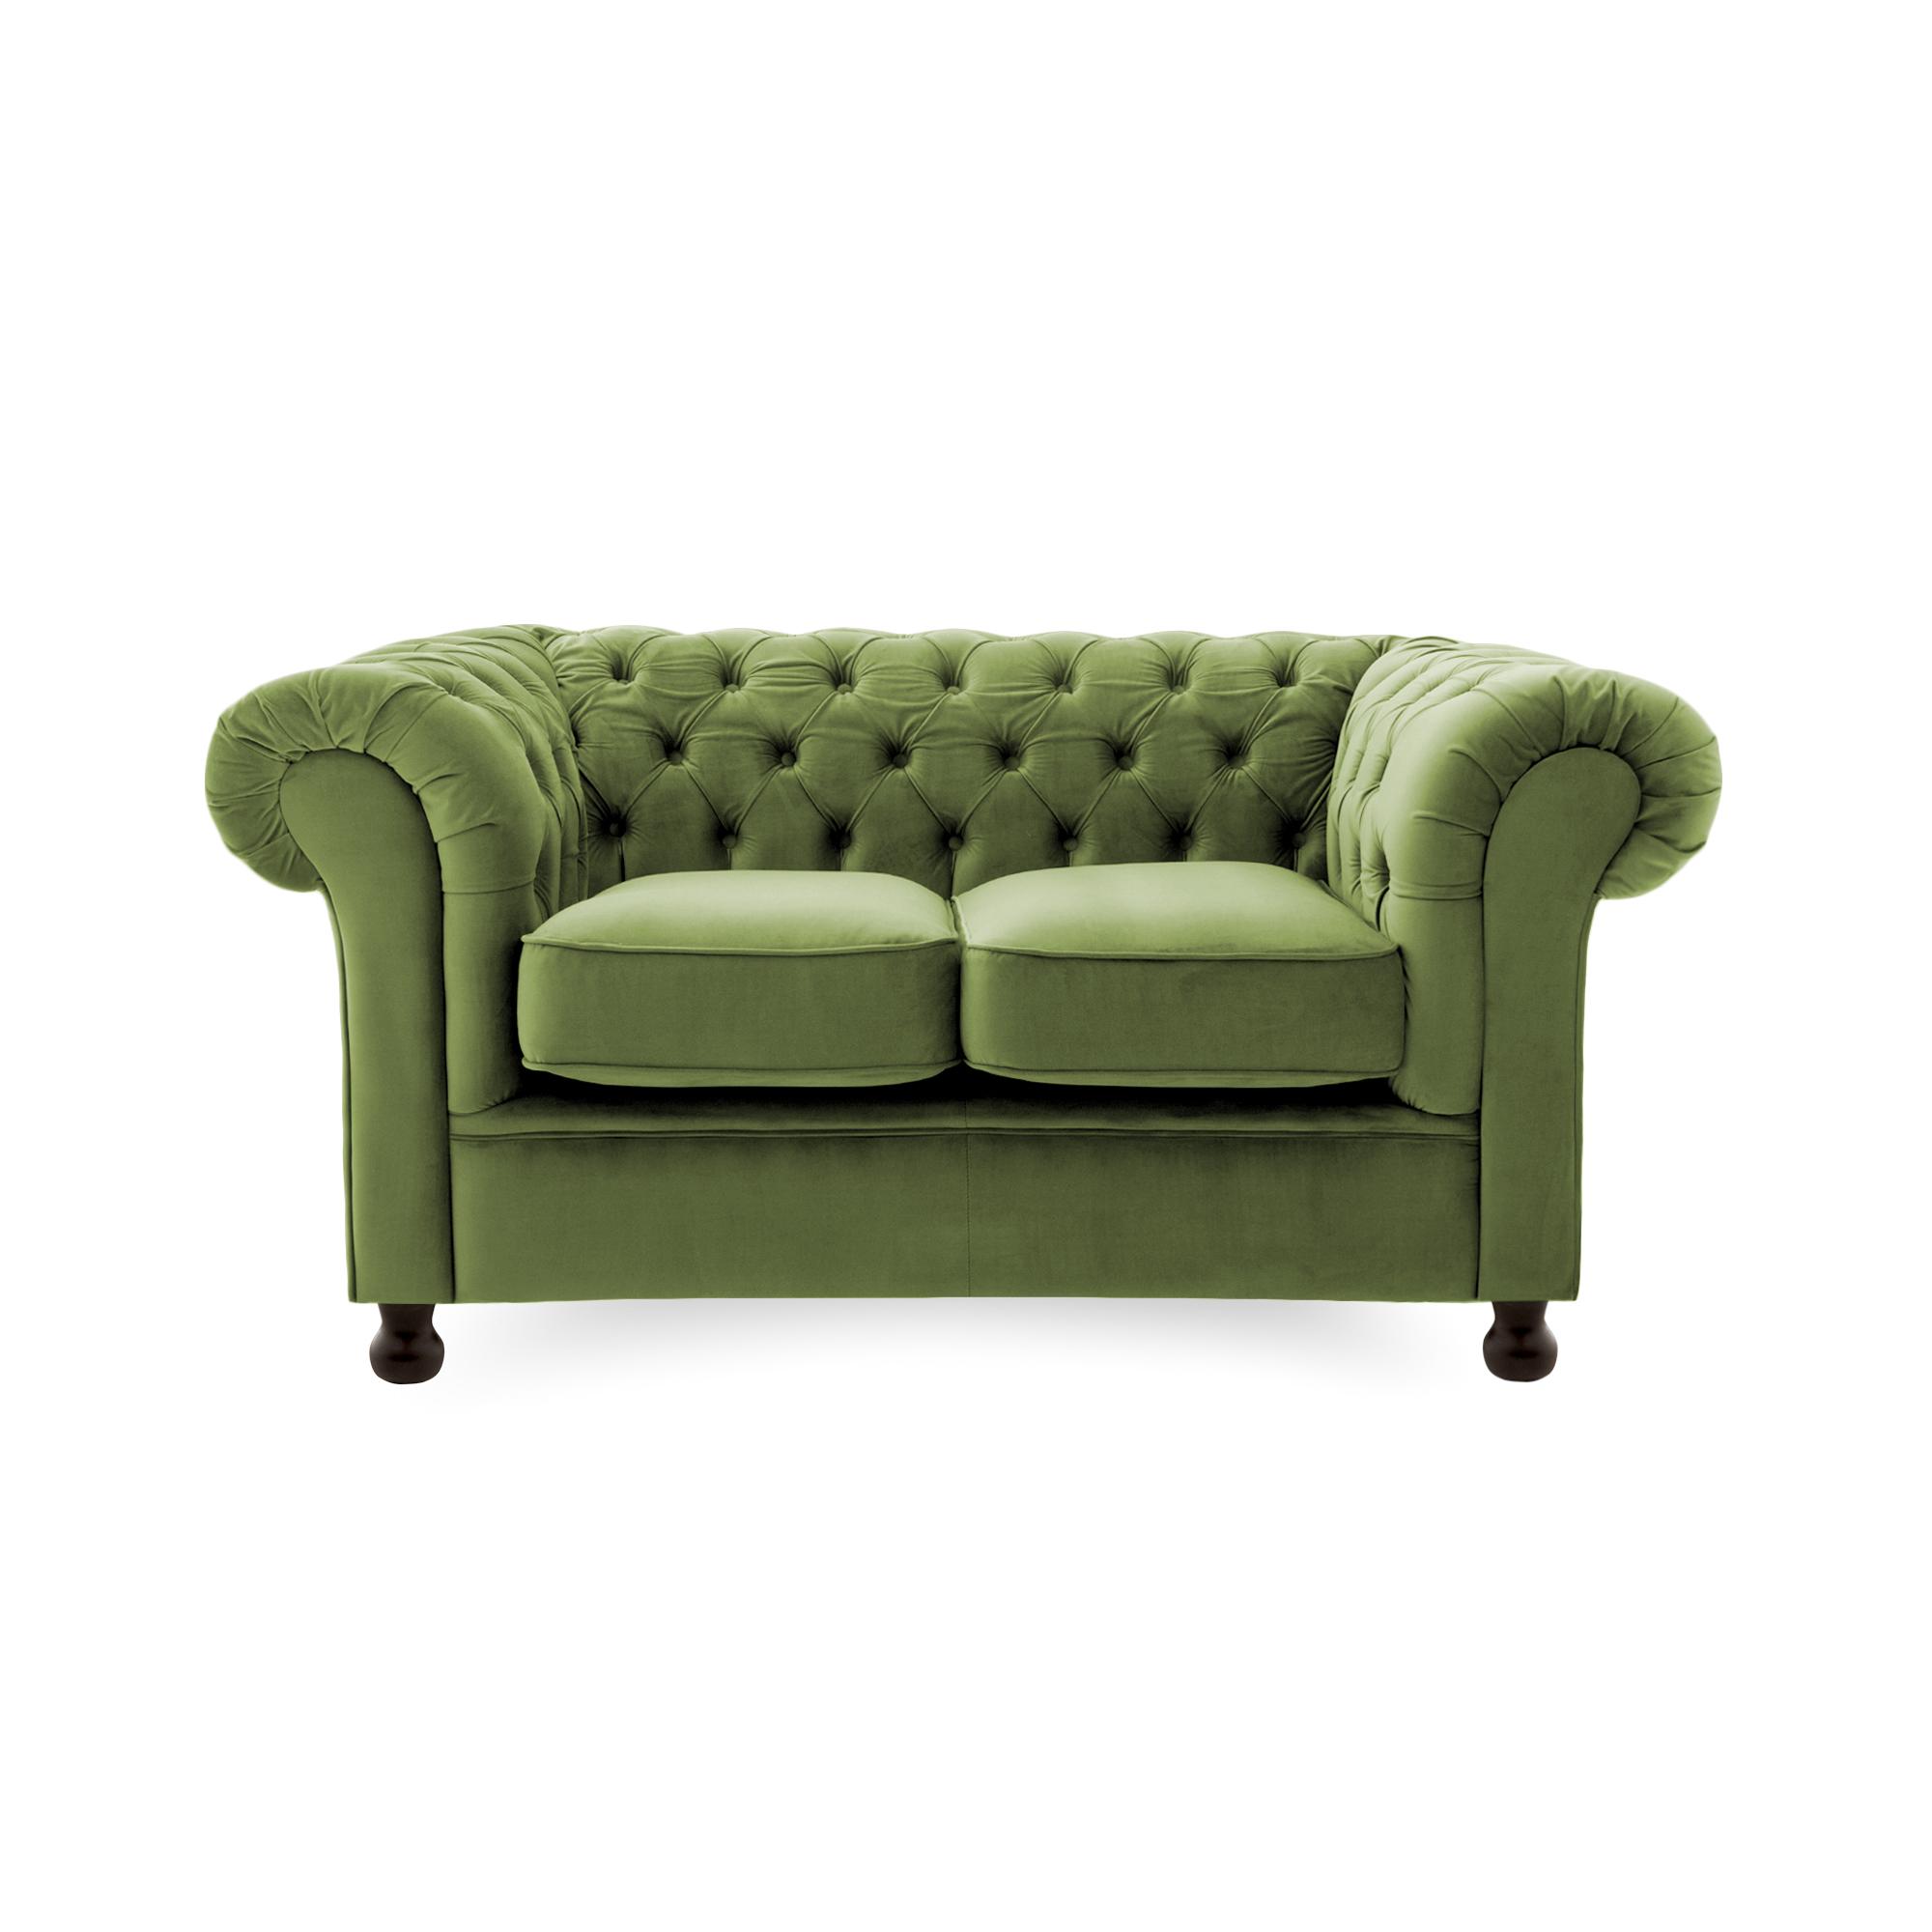 Canapea Fixa 2 locuri Chesterfield Olive Green